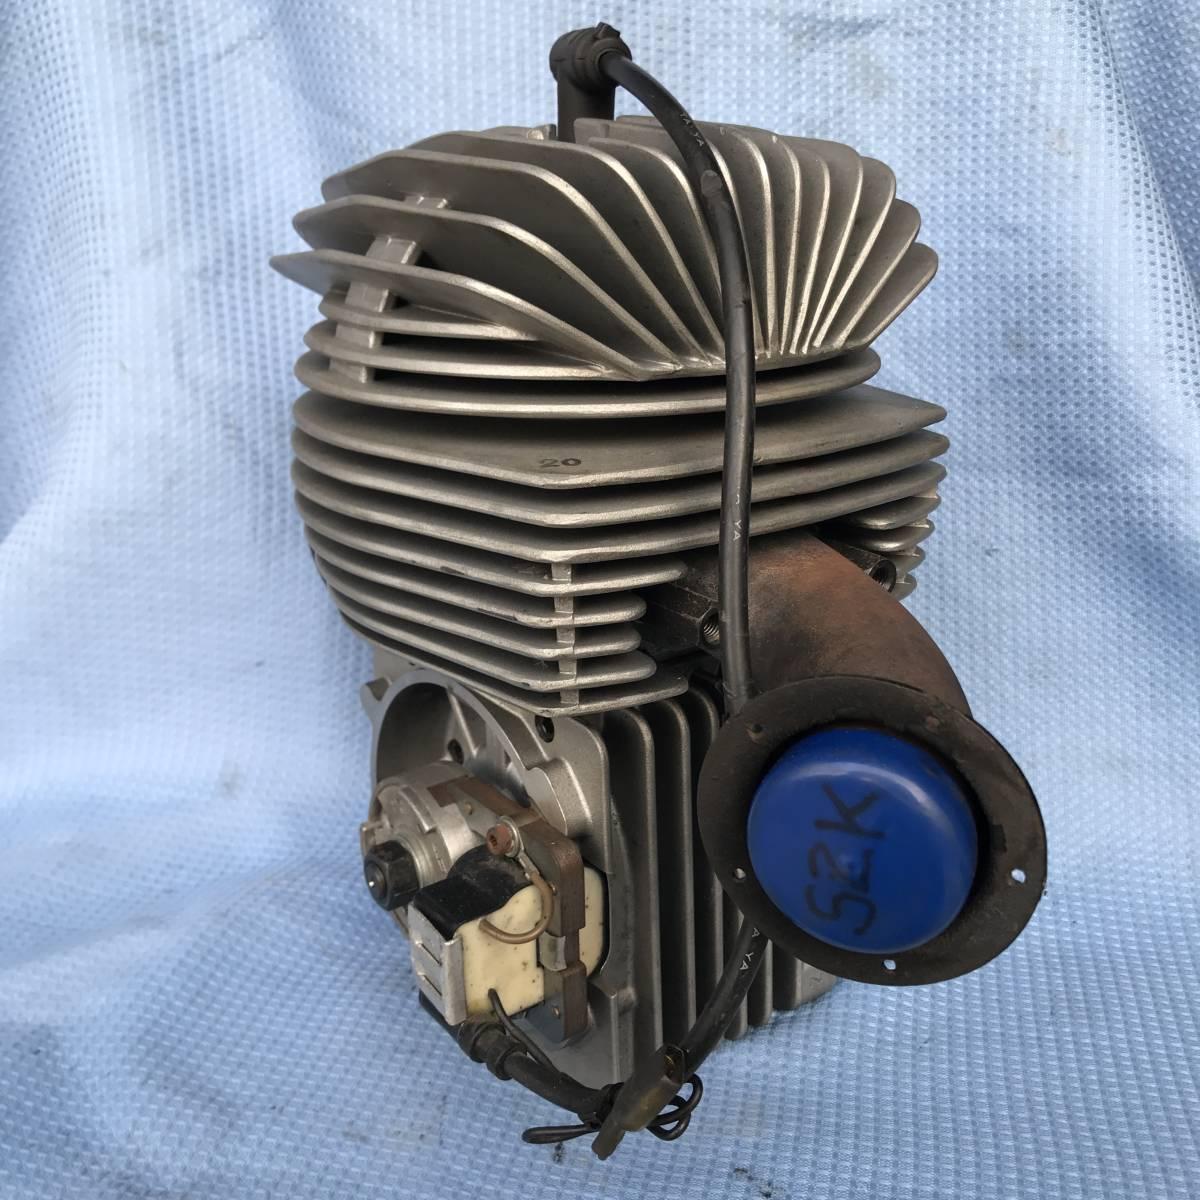 即決 PRD RK100 始動確認 エビデンスあり レーシングカート エンジン 周辺パーツもご用意できます_画像5